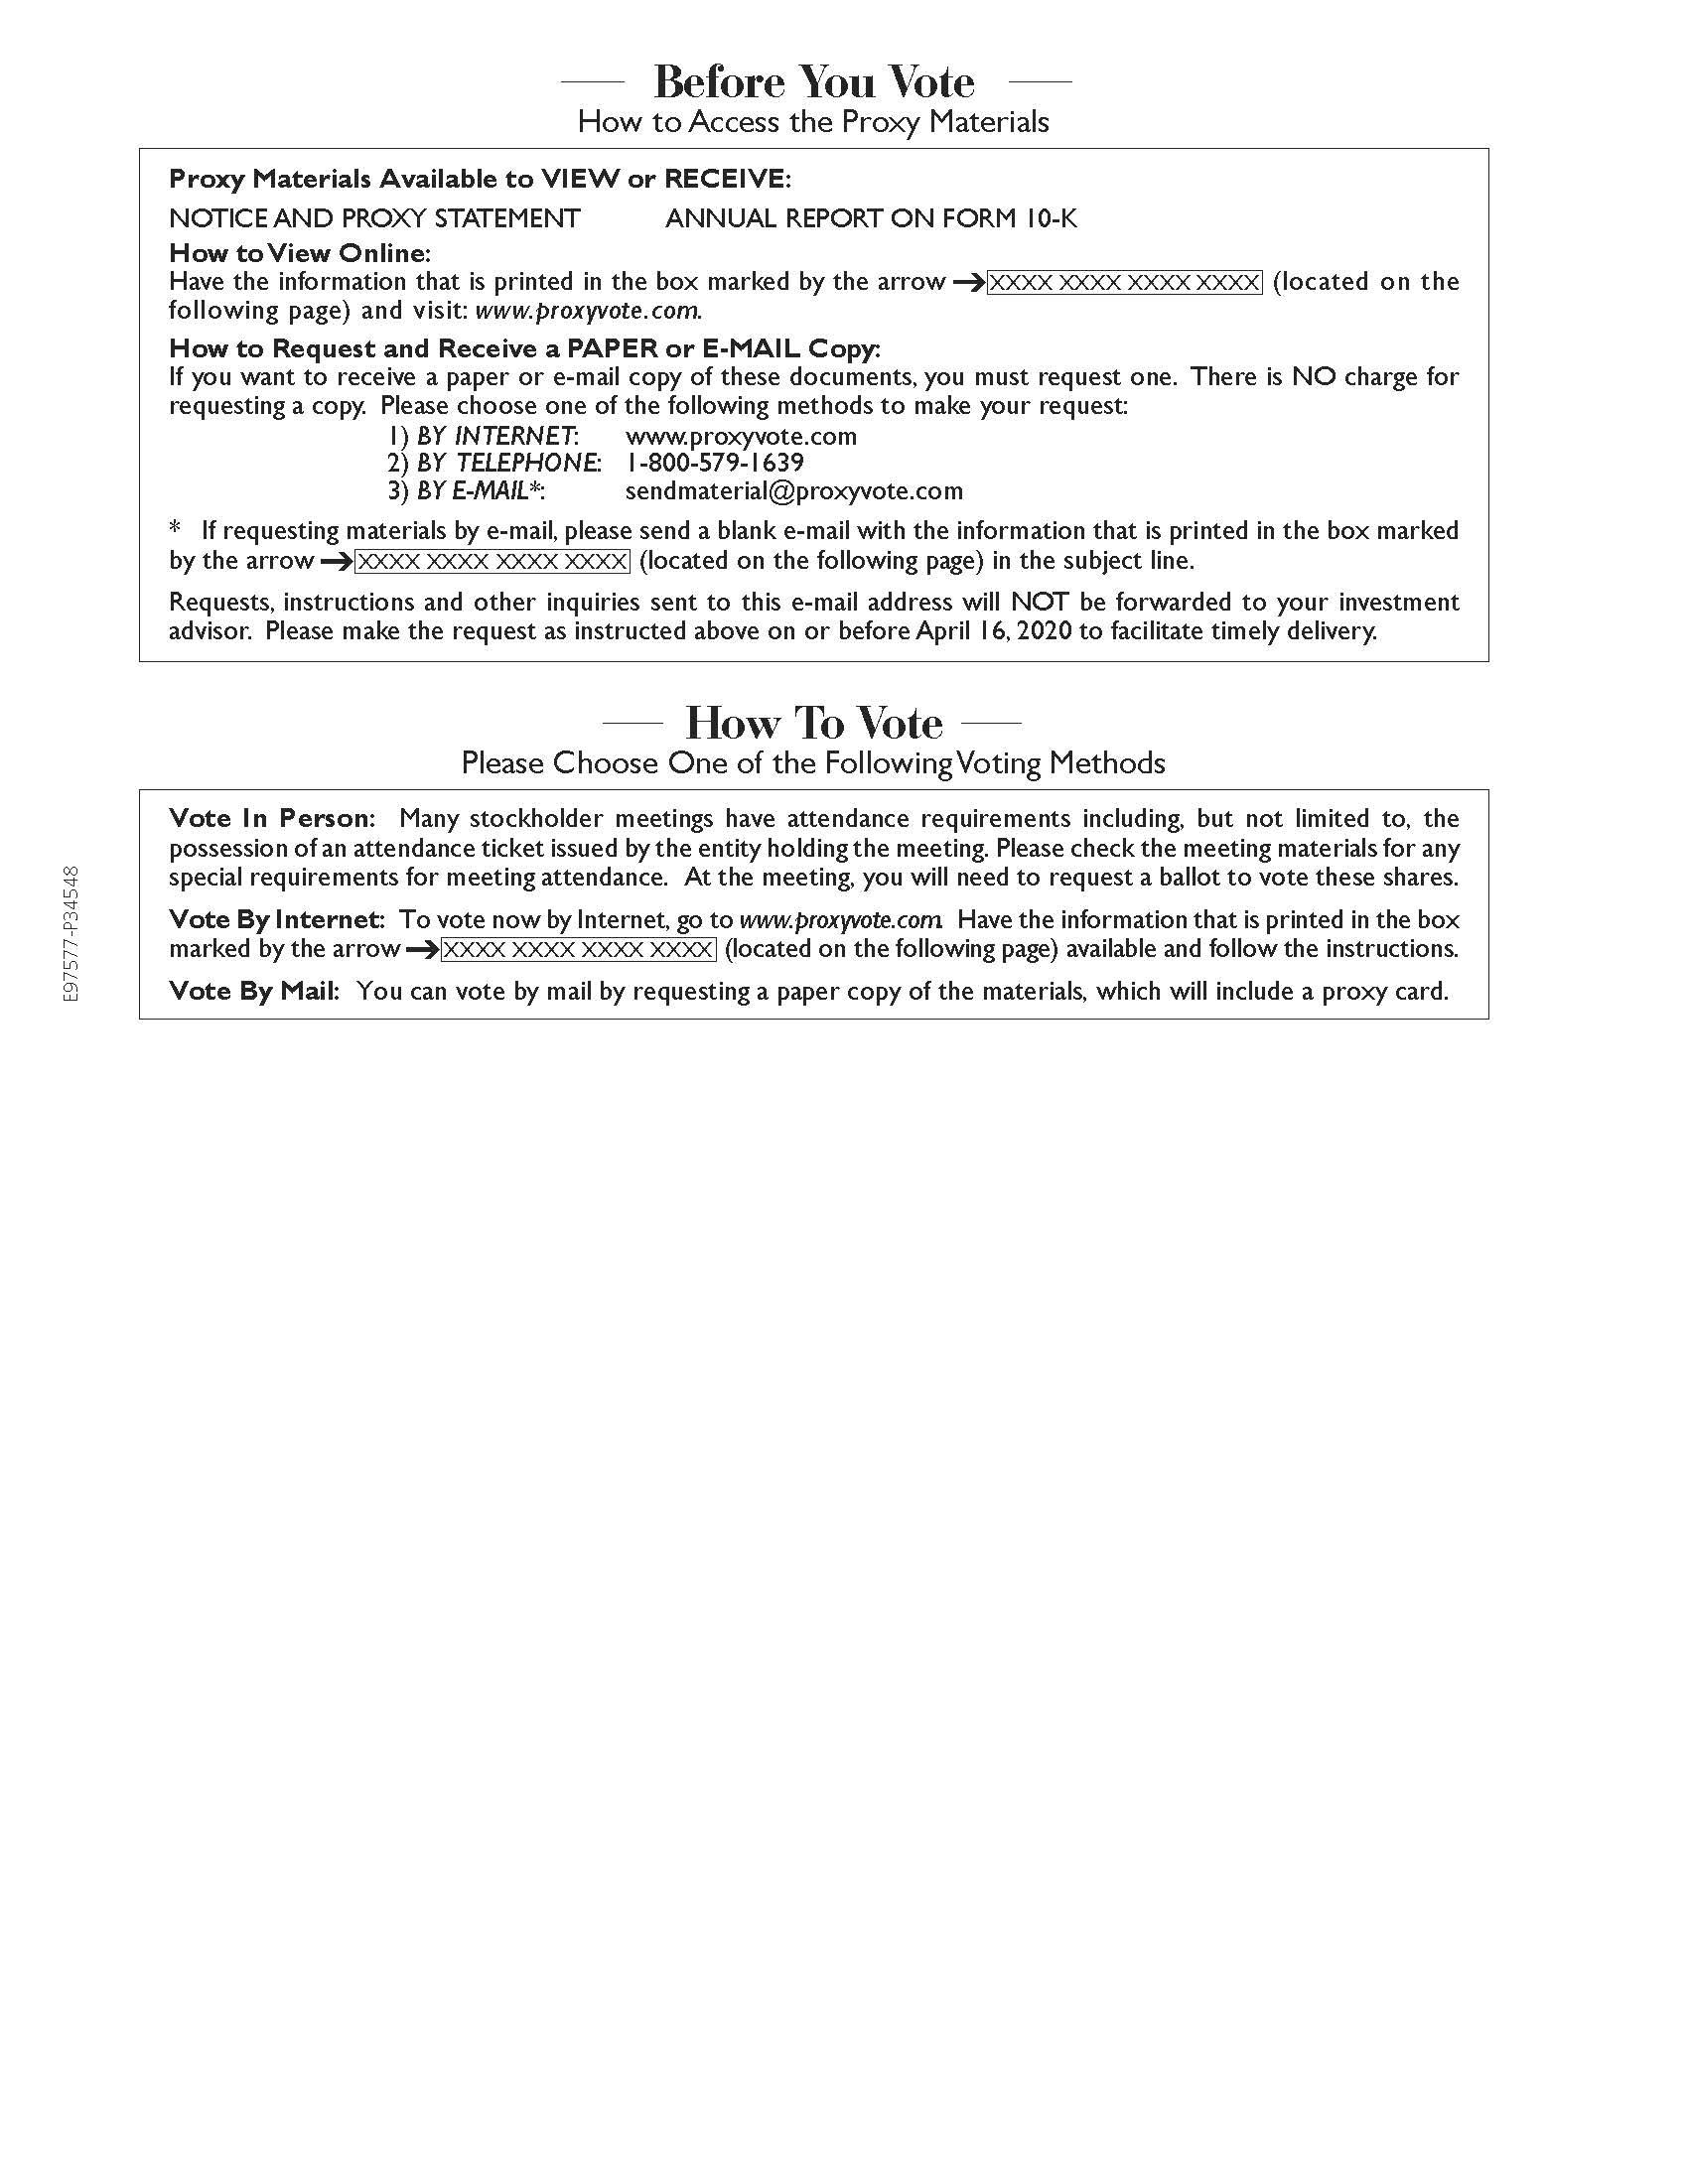 https://cdn.kscope.io/f99c91e52a6e240be05e9744f7e51453-proxycardnoticefinalpage2.jpg